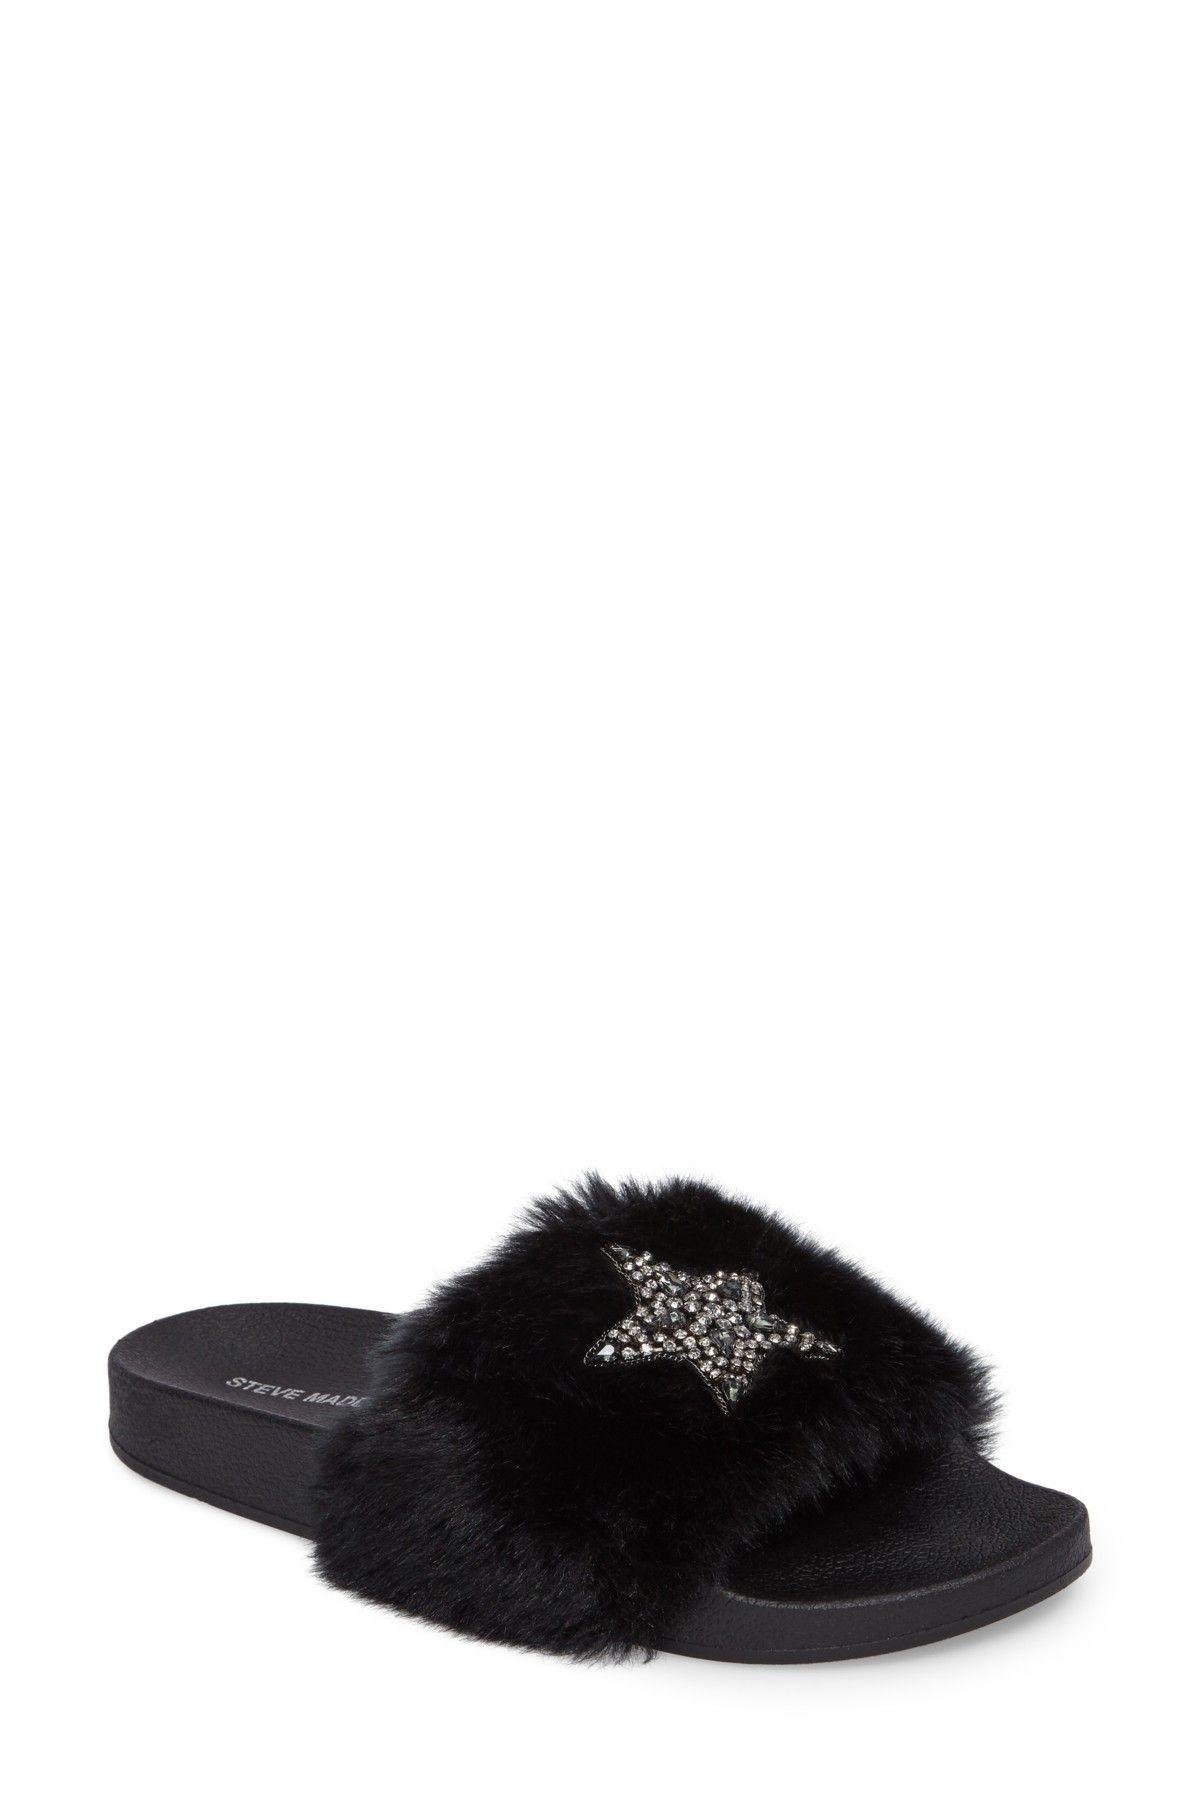 31ddef6c491 Steve Madden   Shimmer Embellished Faux Fur Slide   SHOES AND BOOTS ...